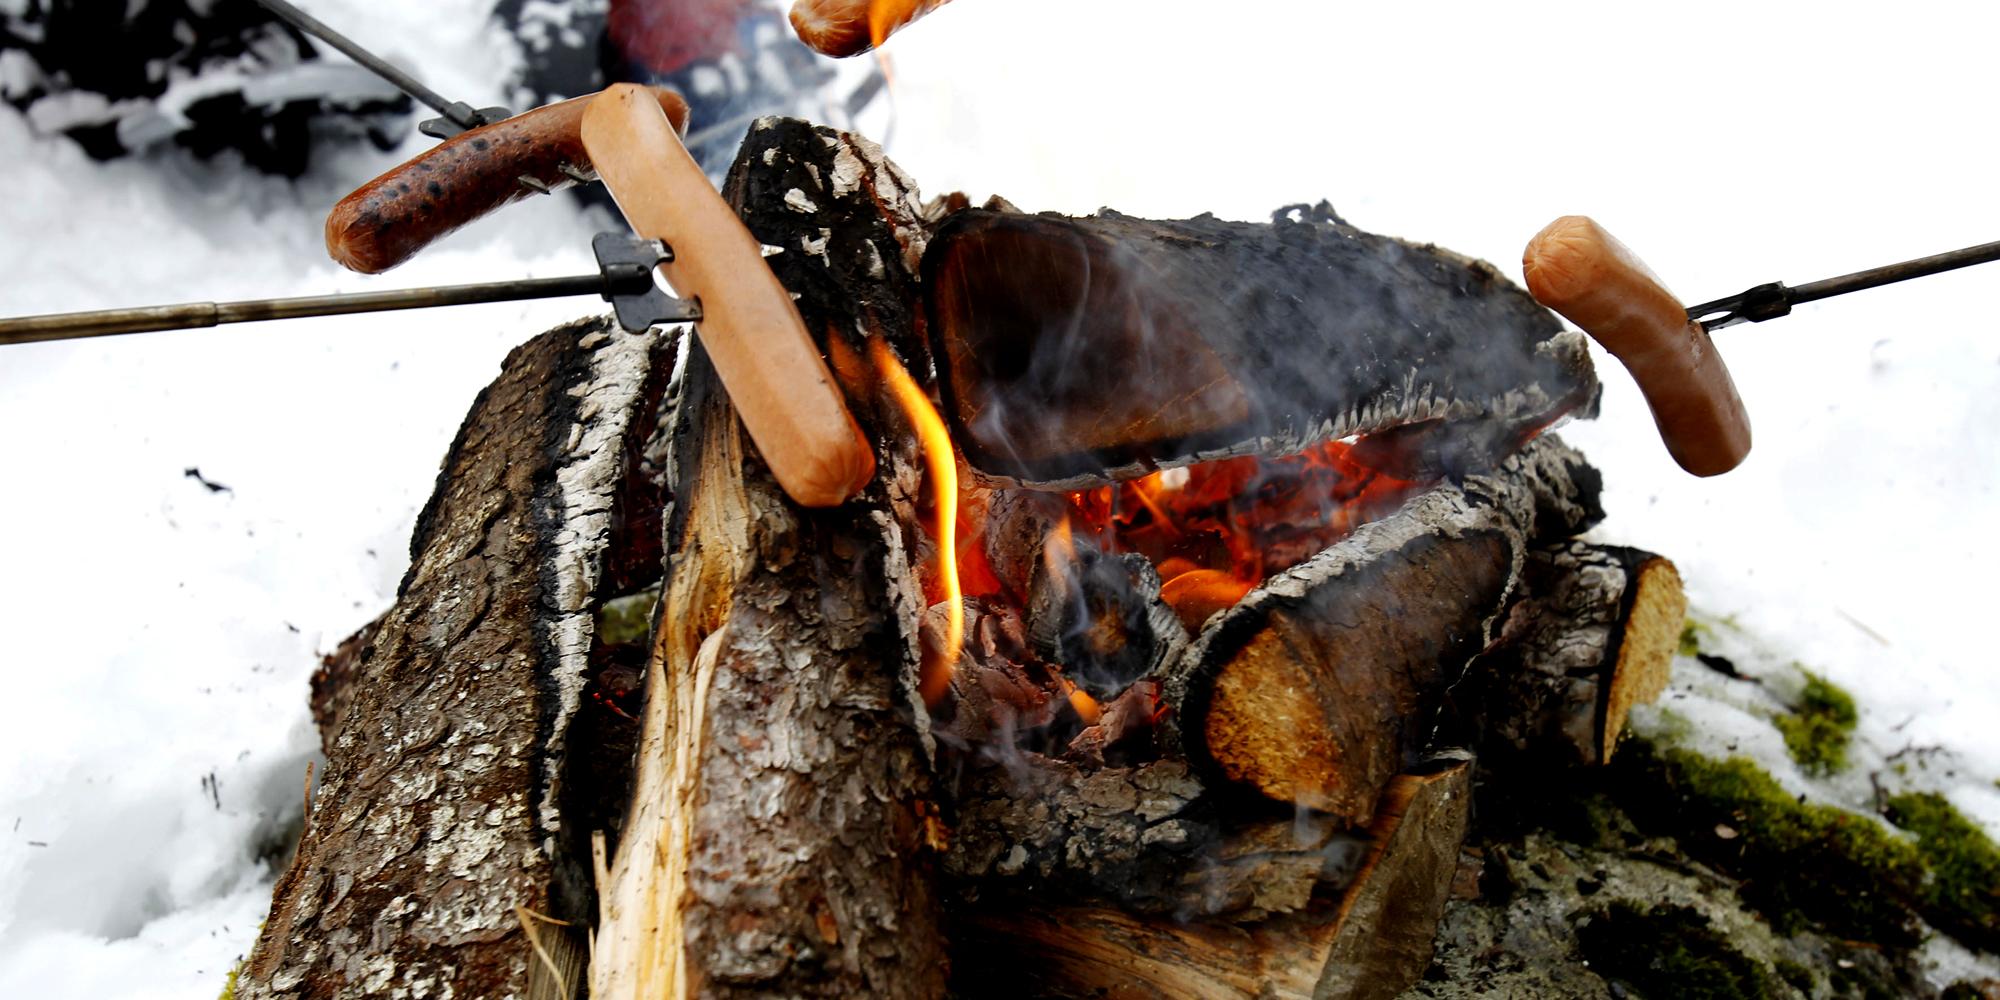 Mokk farm - hotdog grilling over open fire in the winter. Copyright: Mokk gård